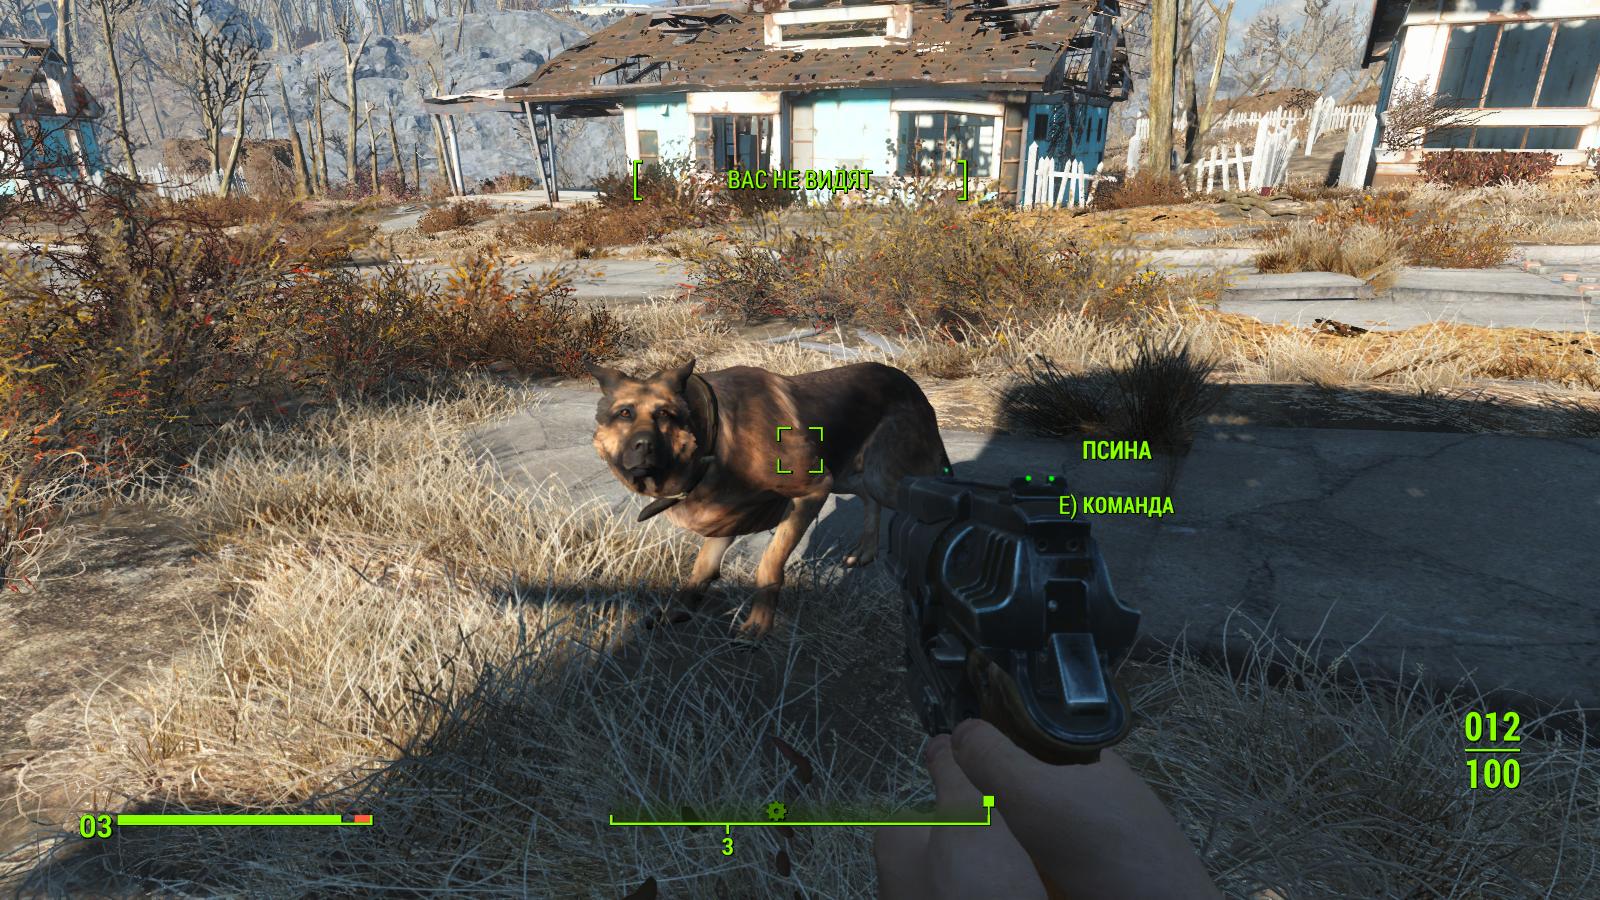 Как изменить прицел в fallout 4